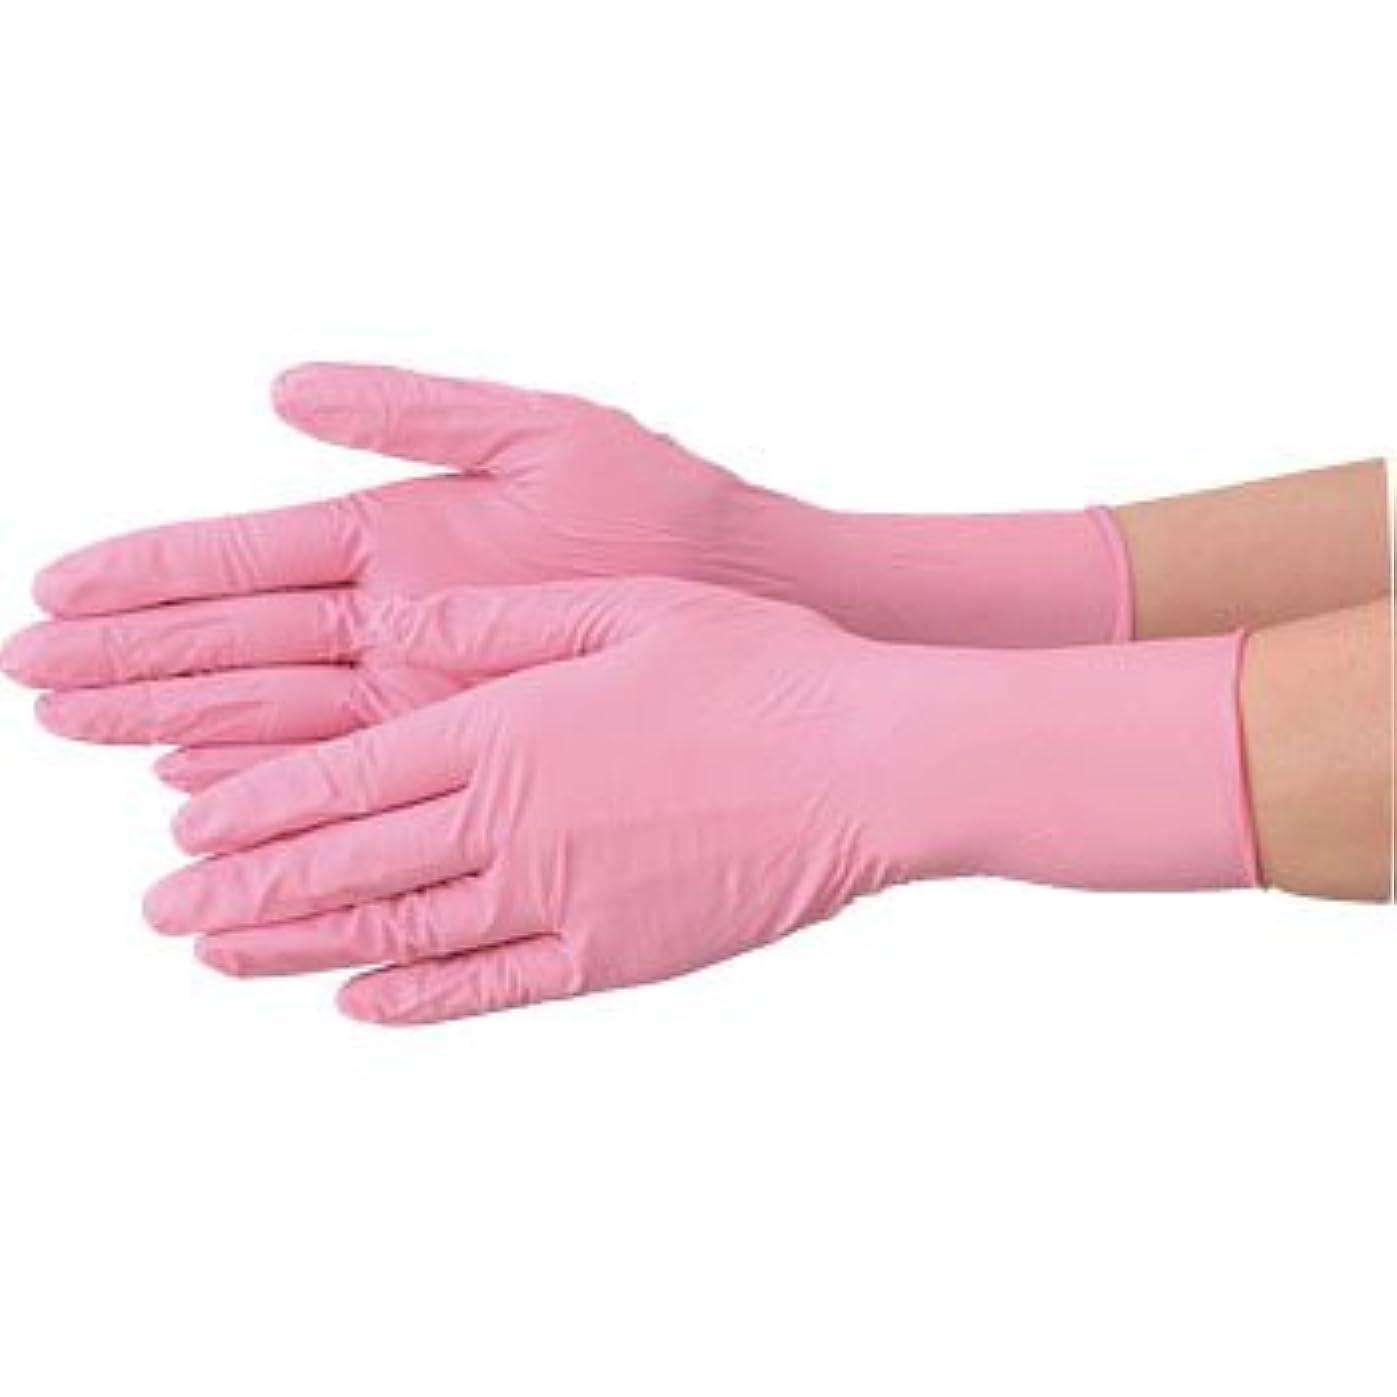 囚人クルーズ作り上げる使い捨て 手袋 エブノ 570 ニトリル ピンク Sサイズ パウダーフリー 2ケース(100枚×60箱)